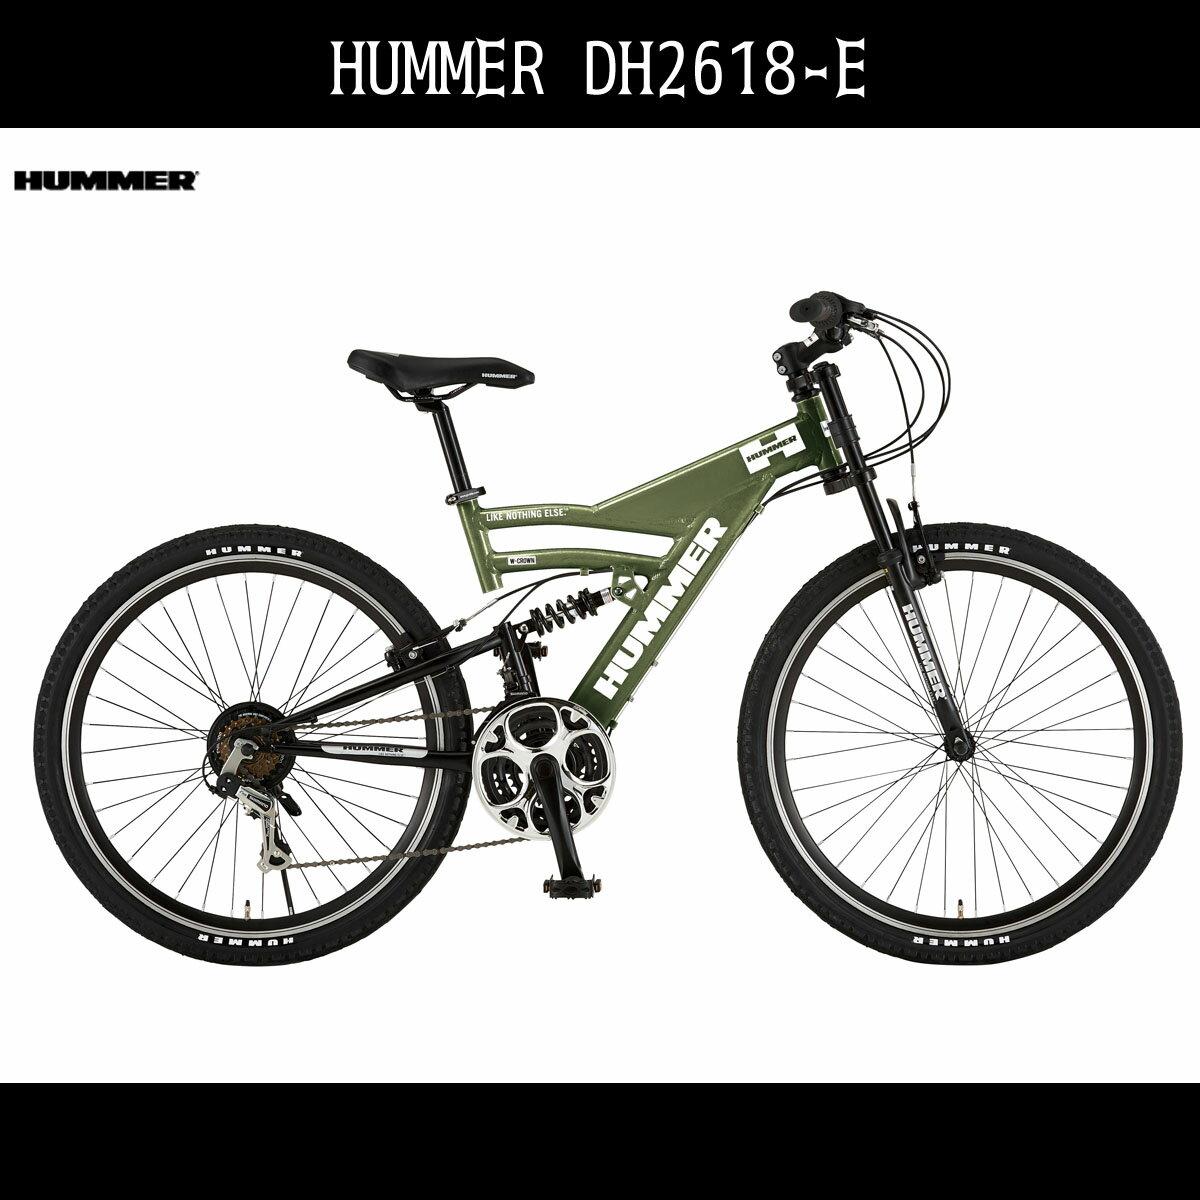 配送先一都三県一部地域限定送料無料 マウンテンバイク ハマー HUMMER 自転車 グリーン 緑 26インチ 自転車 外装18段変速ギア アルミニウム MTB マウンテンバイク ハマー 自転車 DH2618-E アルミニウム おしゃれ